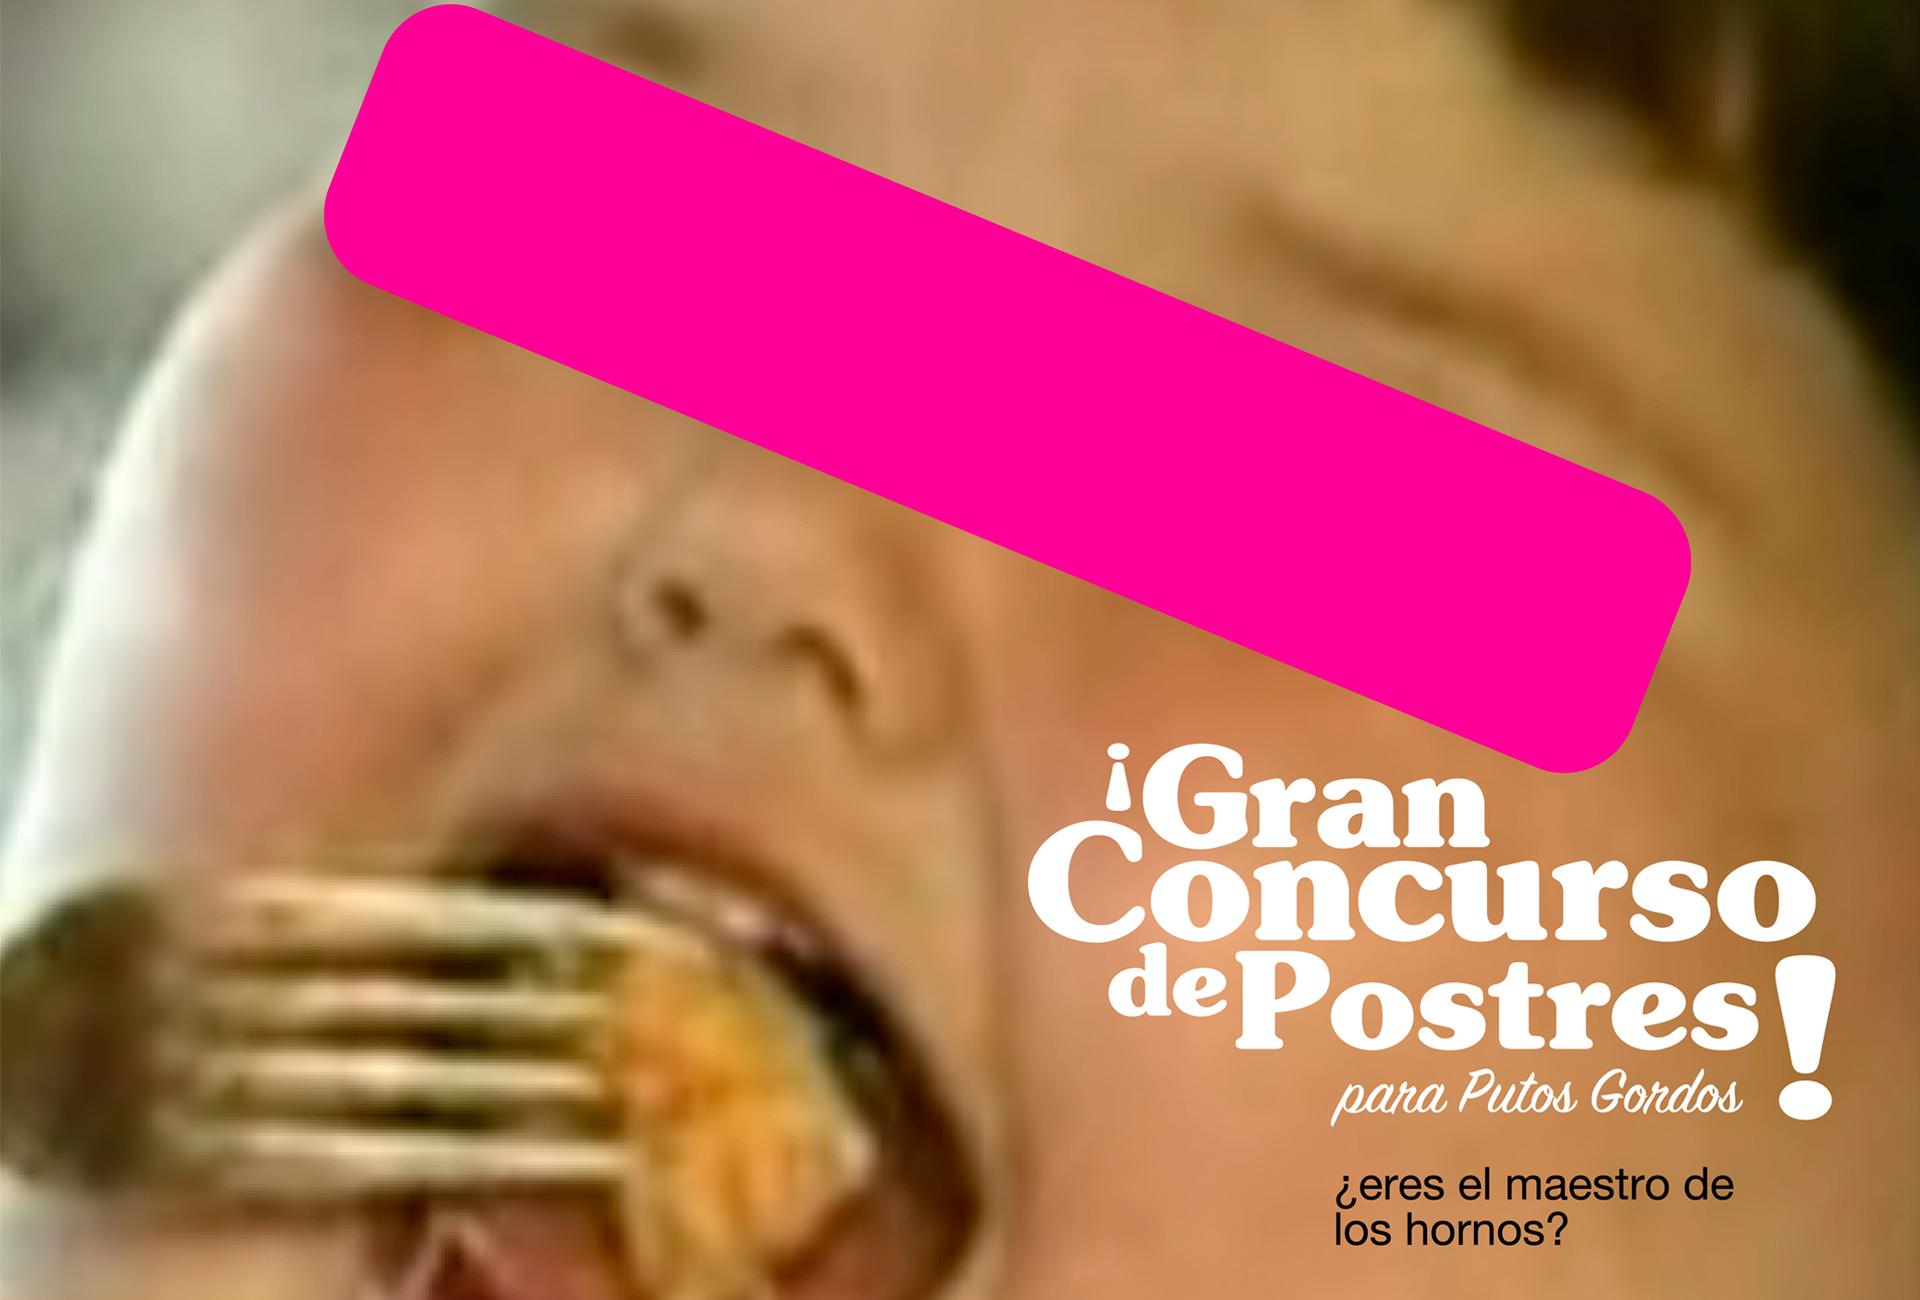 Gran concurso de postres - Detalle póster